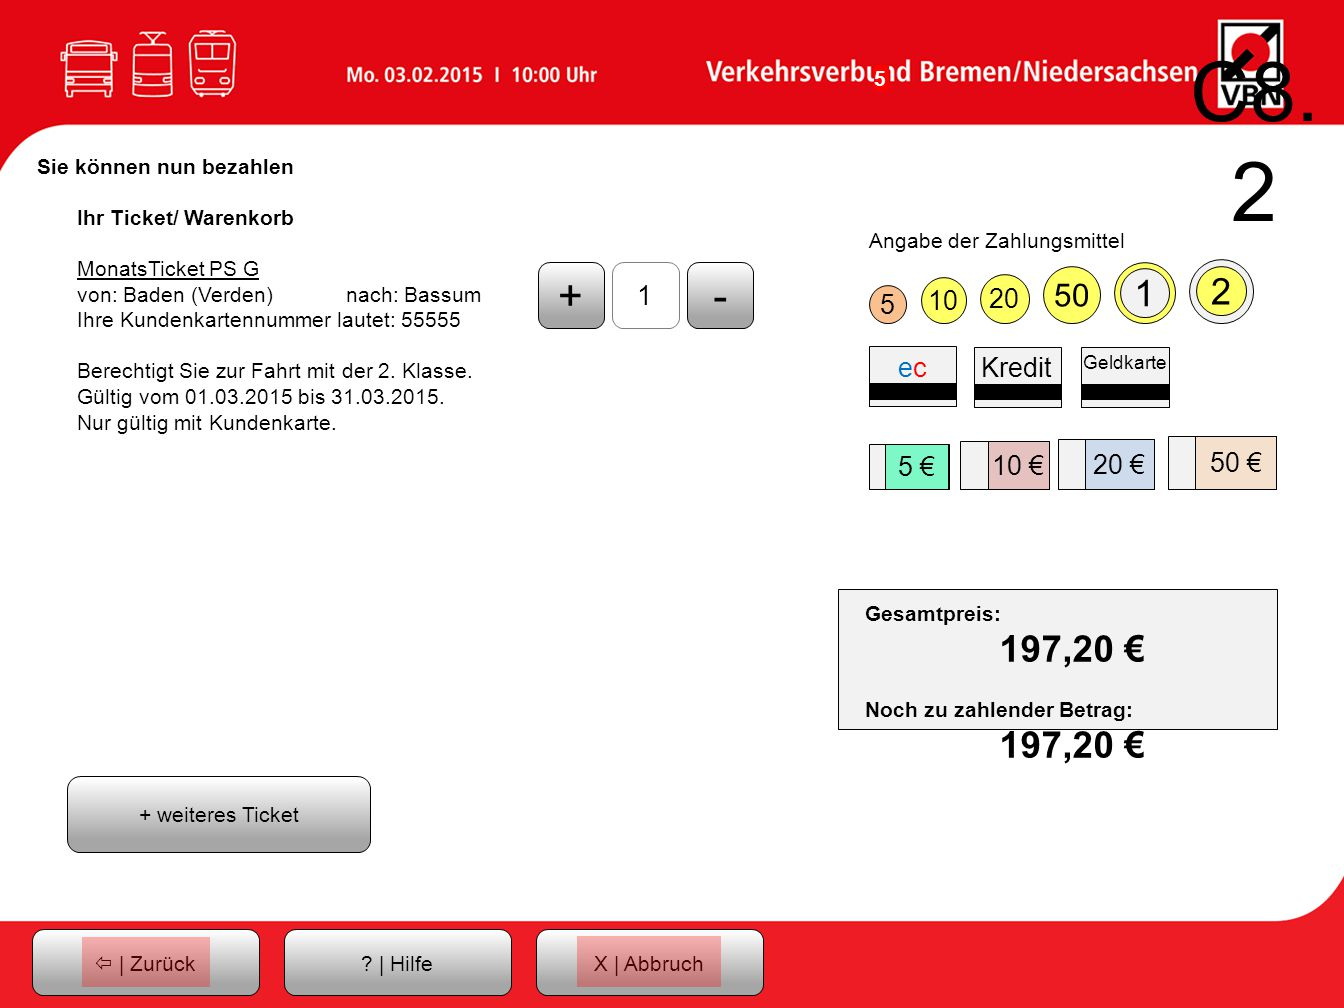 C8.2 Sie können nun bezahlen. Ihr Ticket/ Warenkorb. MonatsTicket PS G. von: Baden (Verden) nach: Bassum.